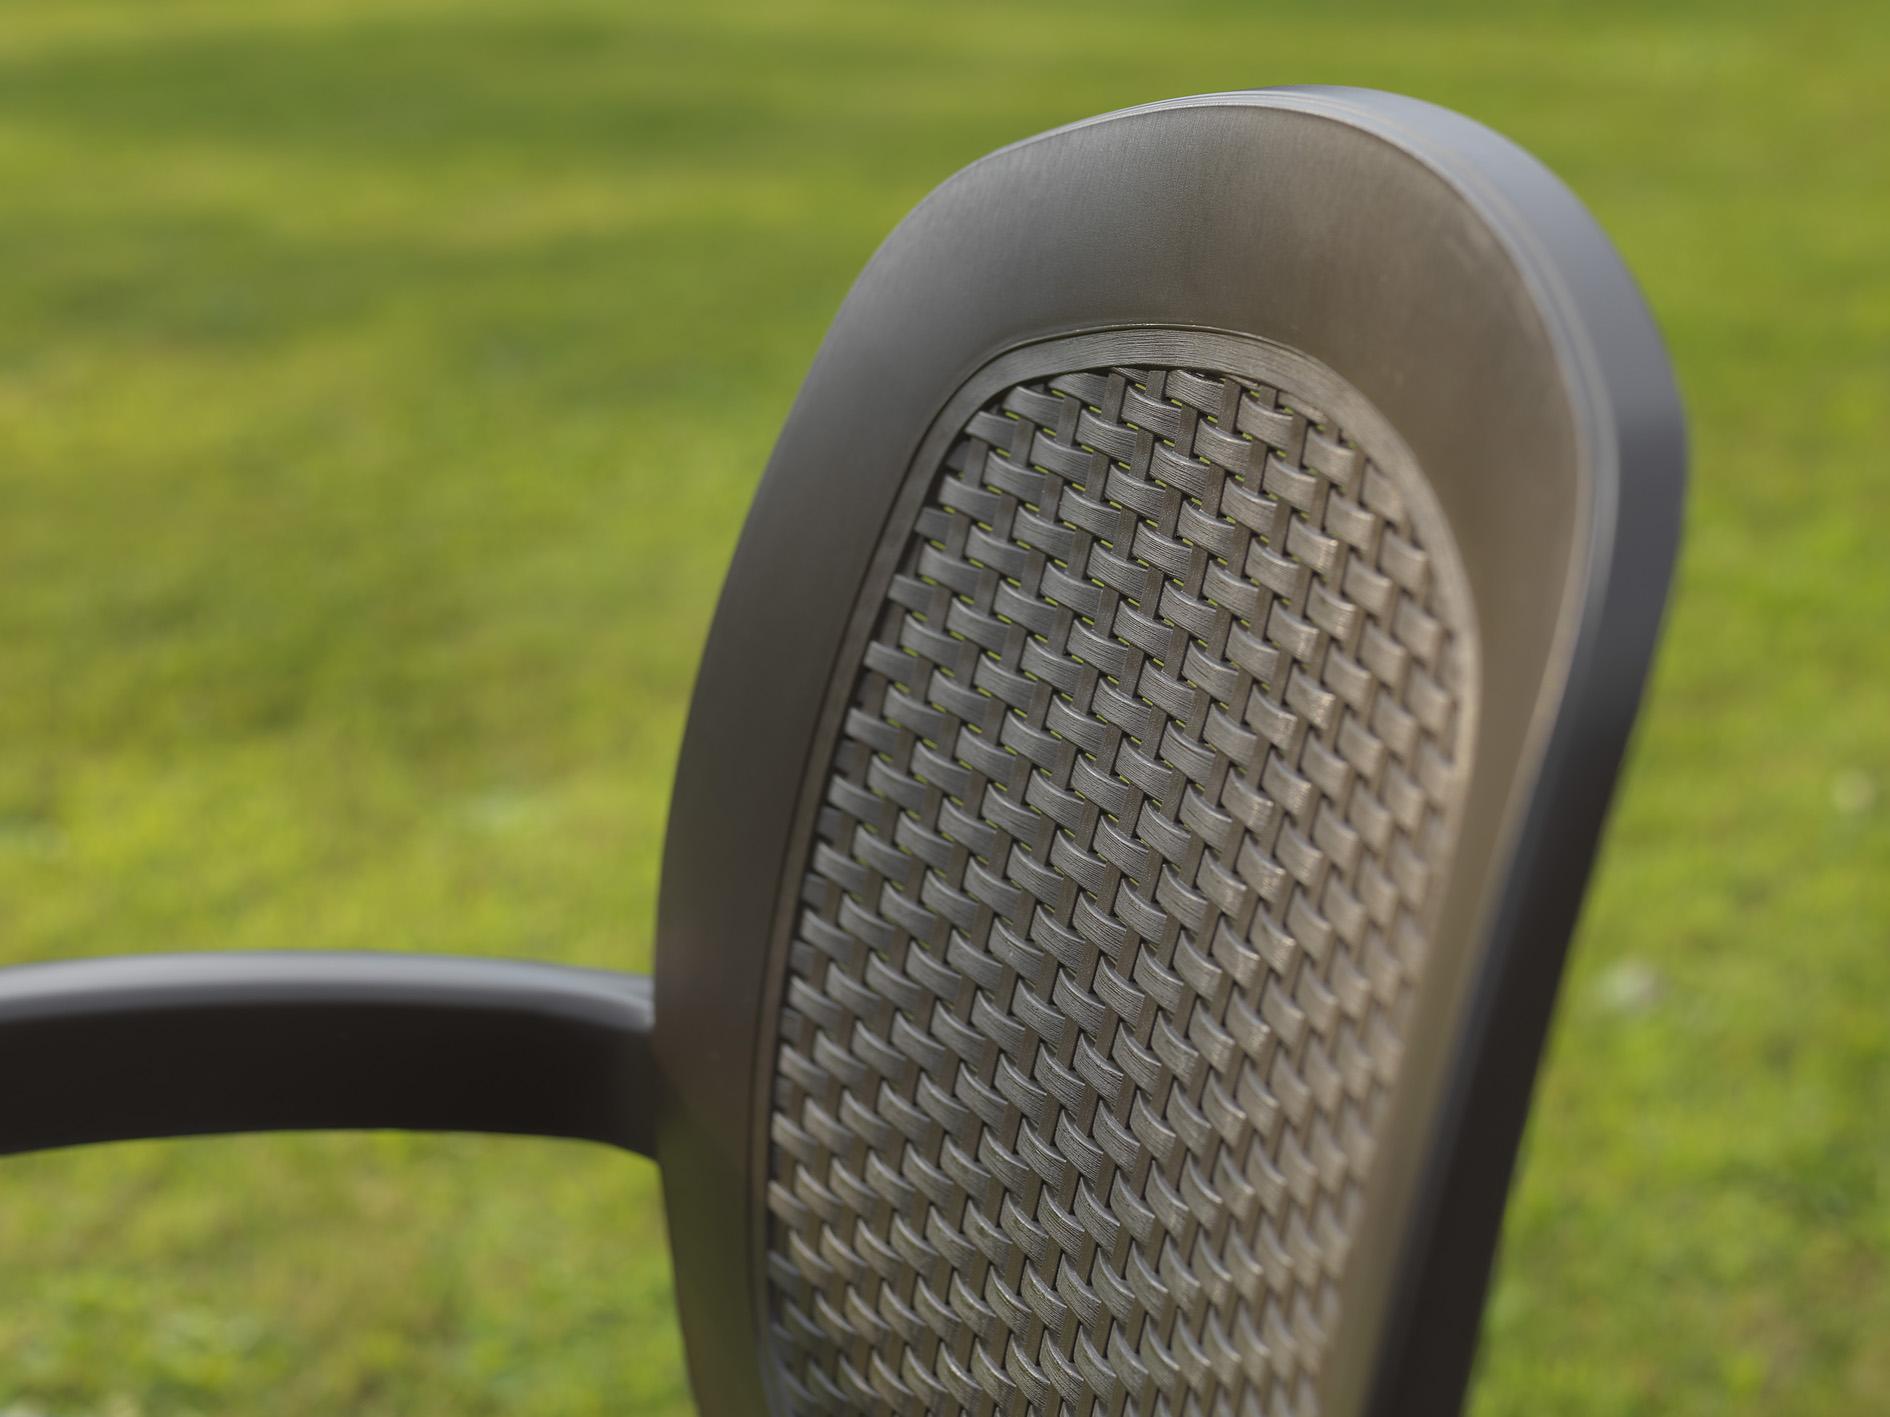 krzesło ogrodowe creta wicker nardi oparcie z siatki